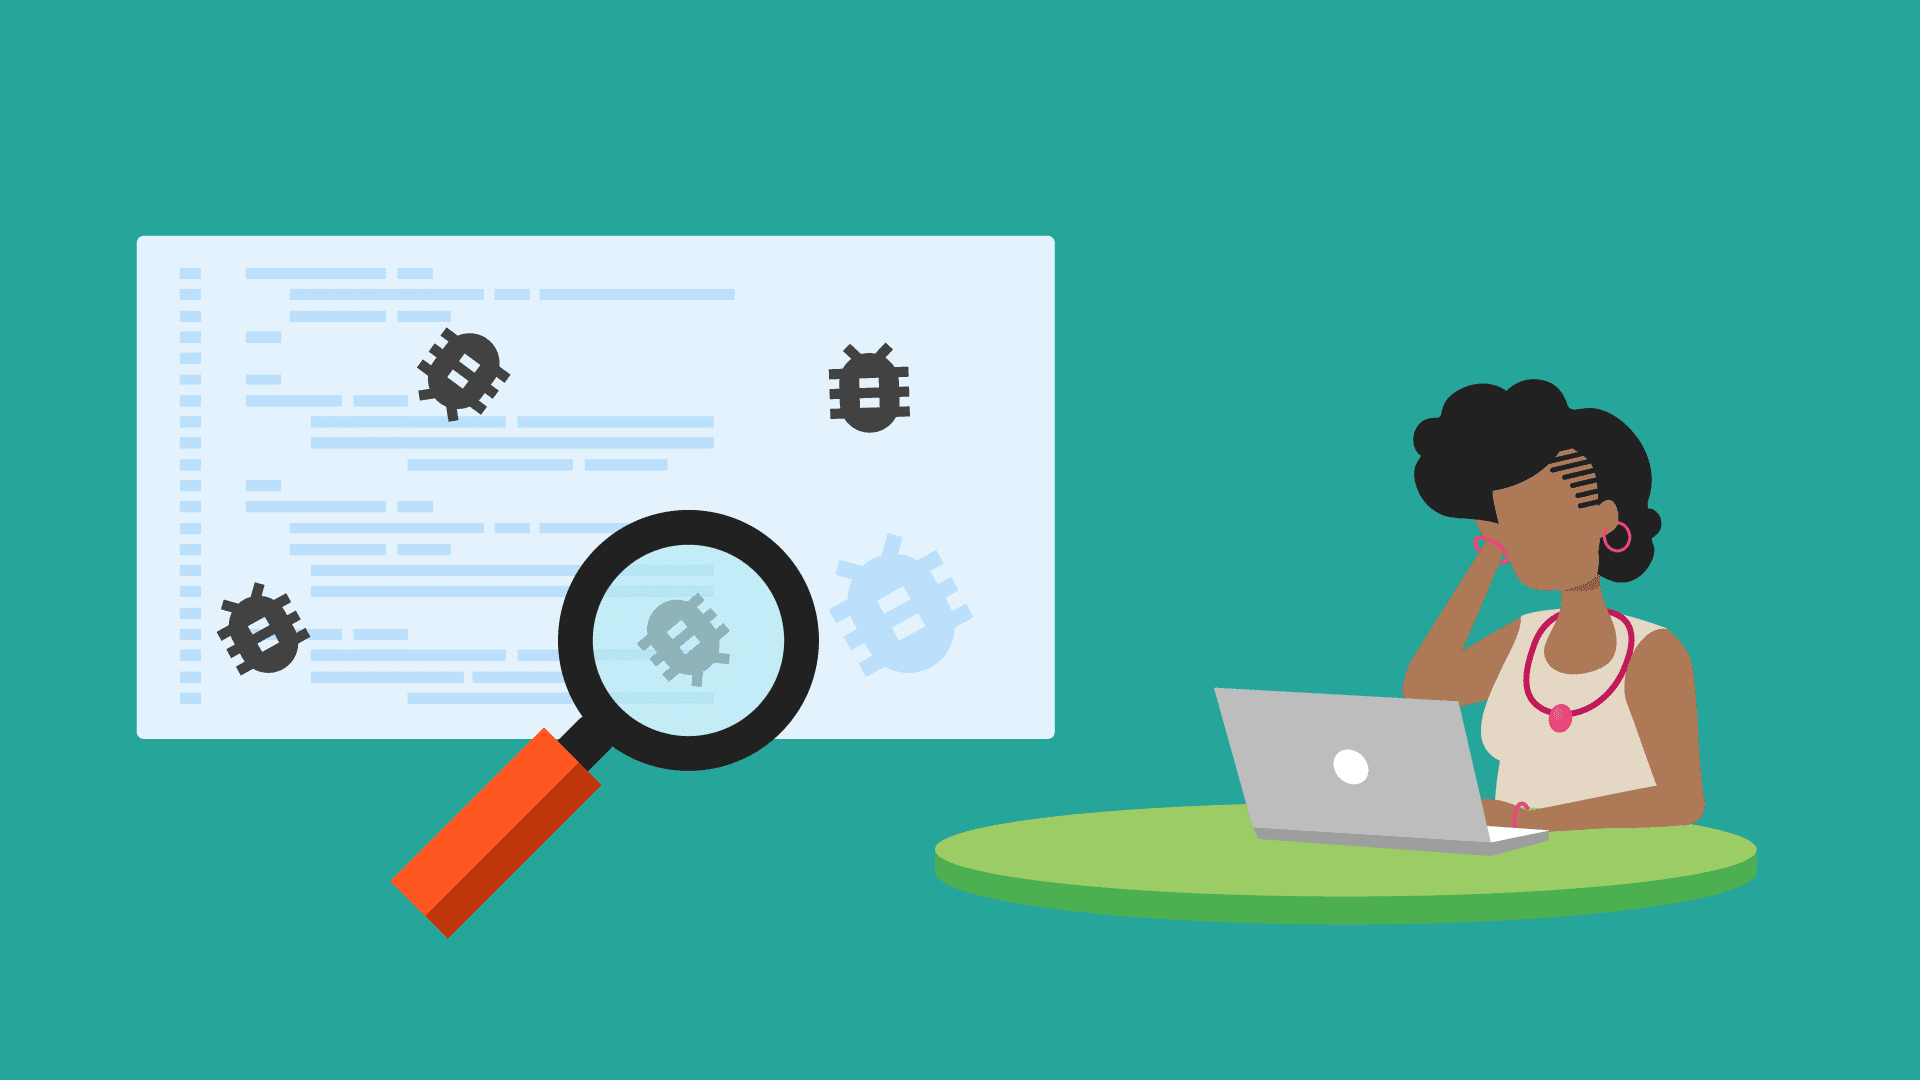 Illustration of developer finding bugs